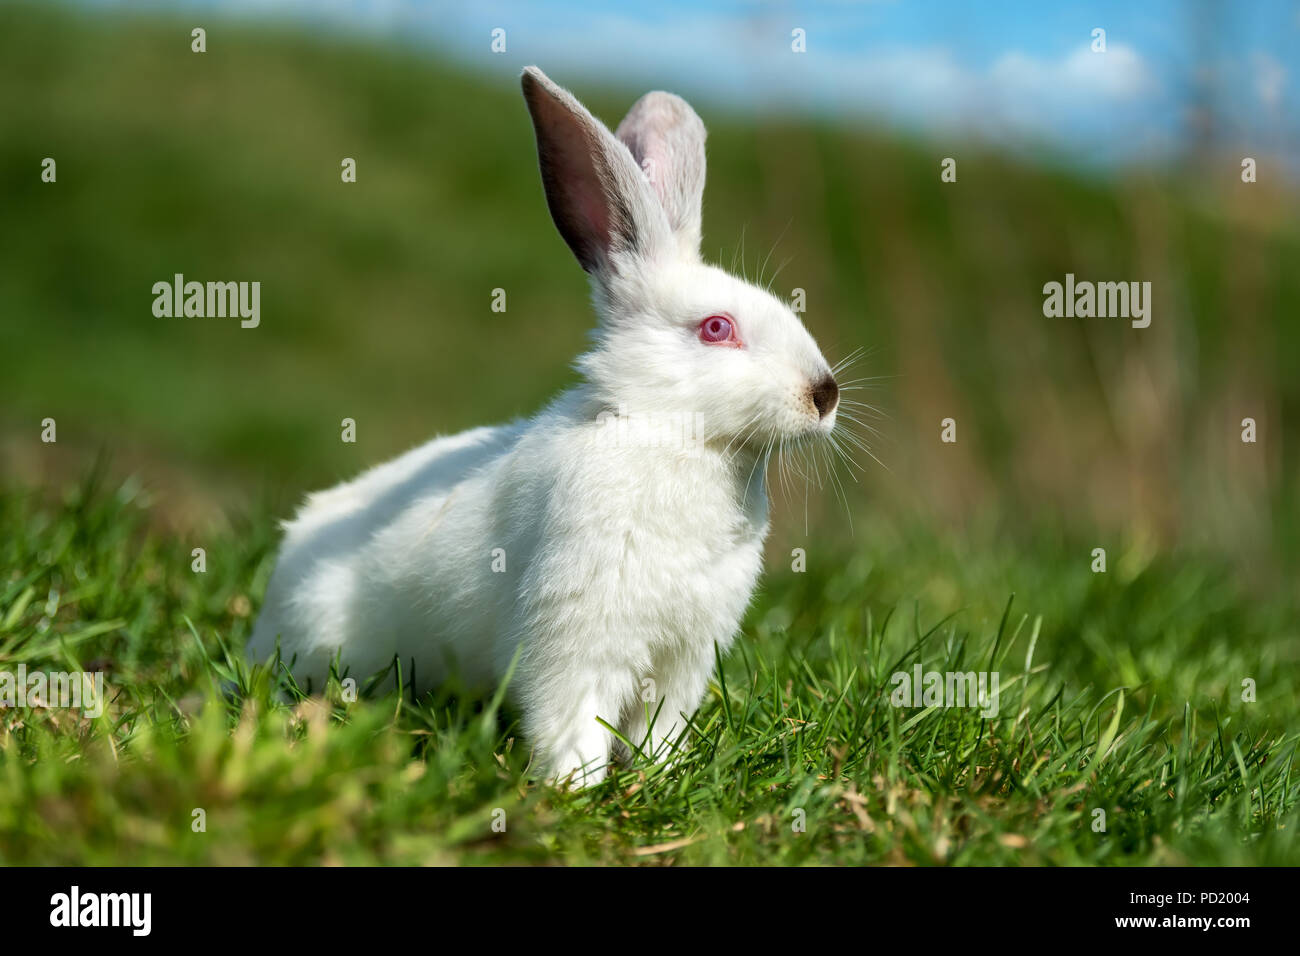 Poco conejo blanco sobre la hierba verde en el día de verano Imagen De Stock